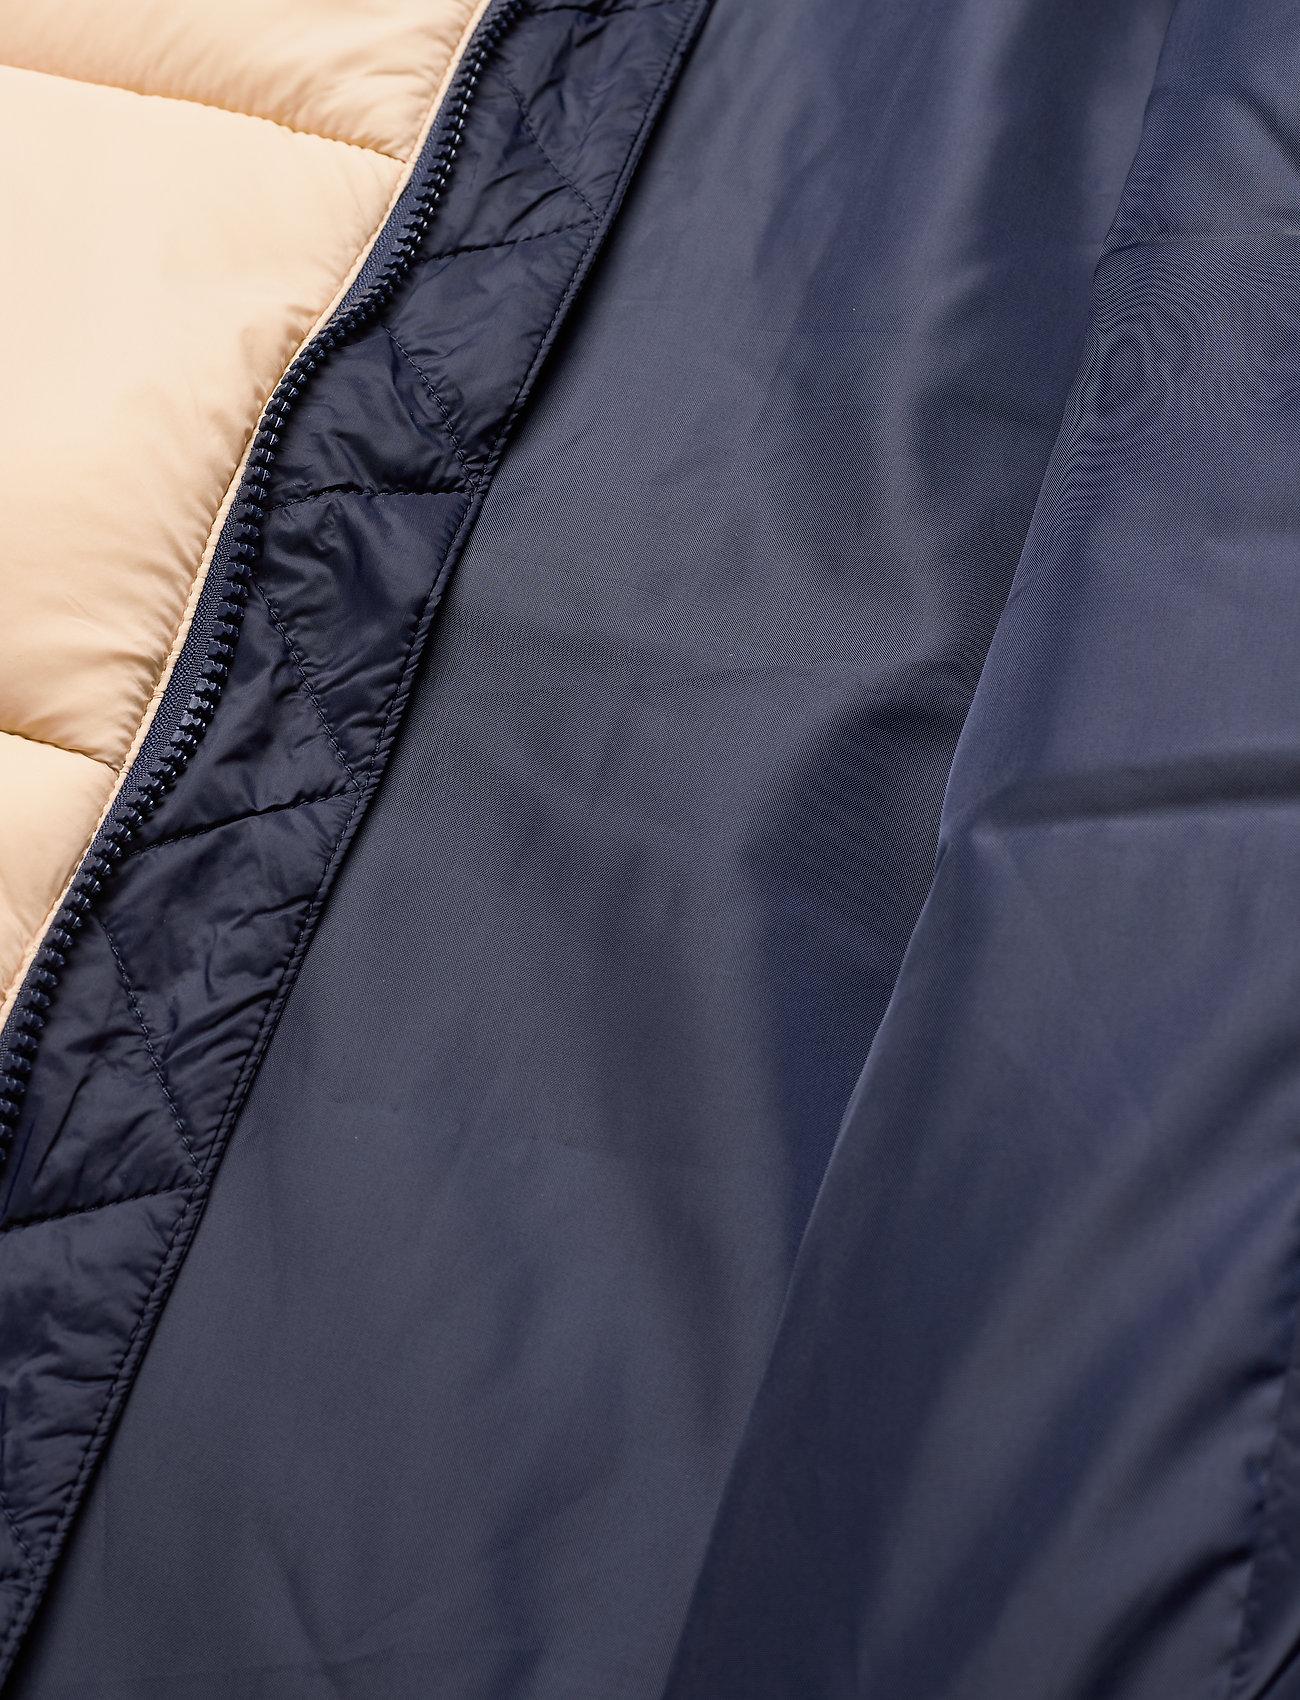 FILA MEN SCOOTER puffer jacket - Jakker og frakker IRISH CREAM-BLACK IRIS - Menn Klær